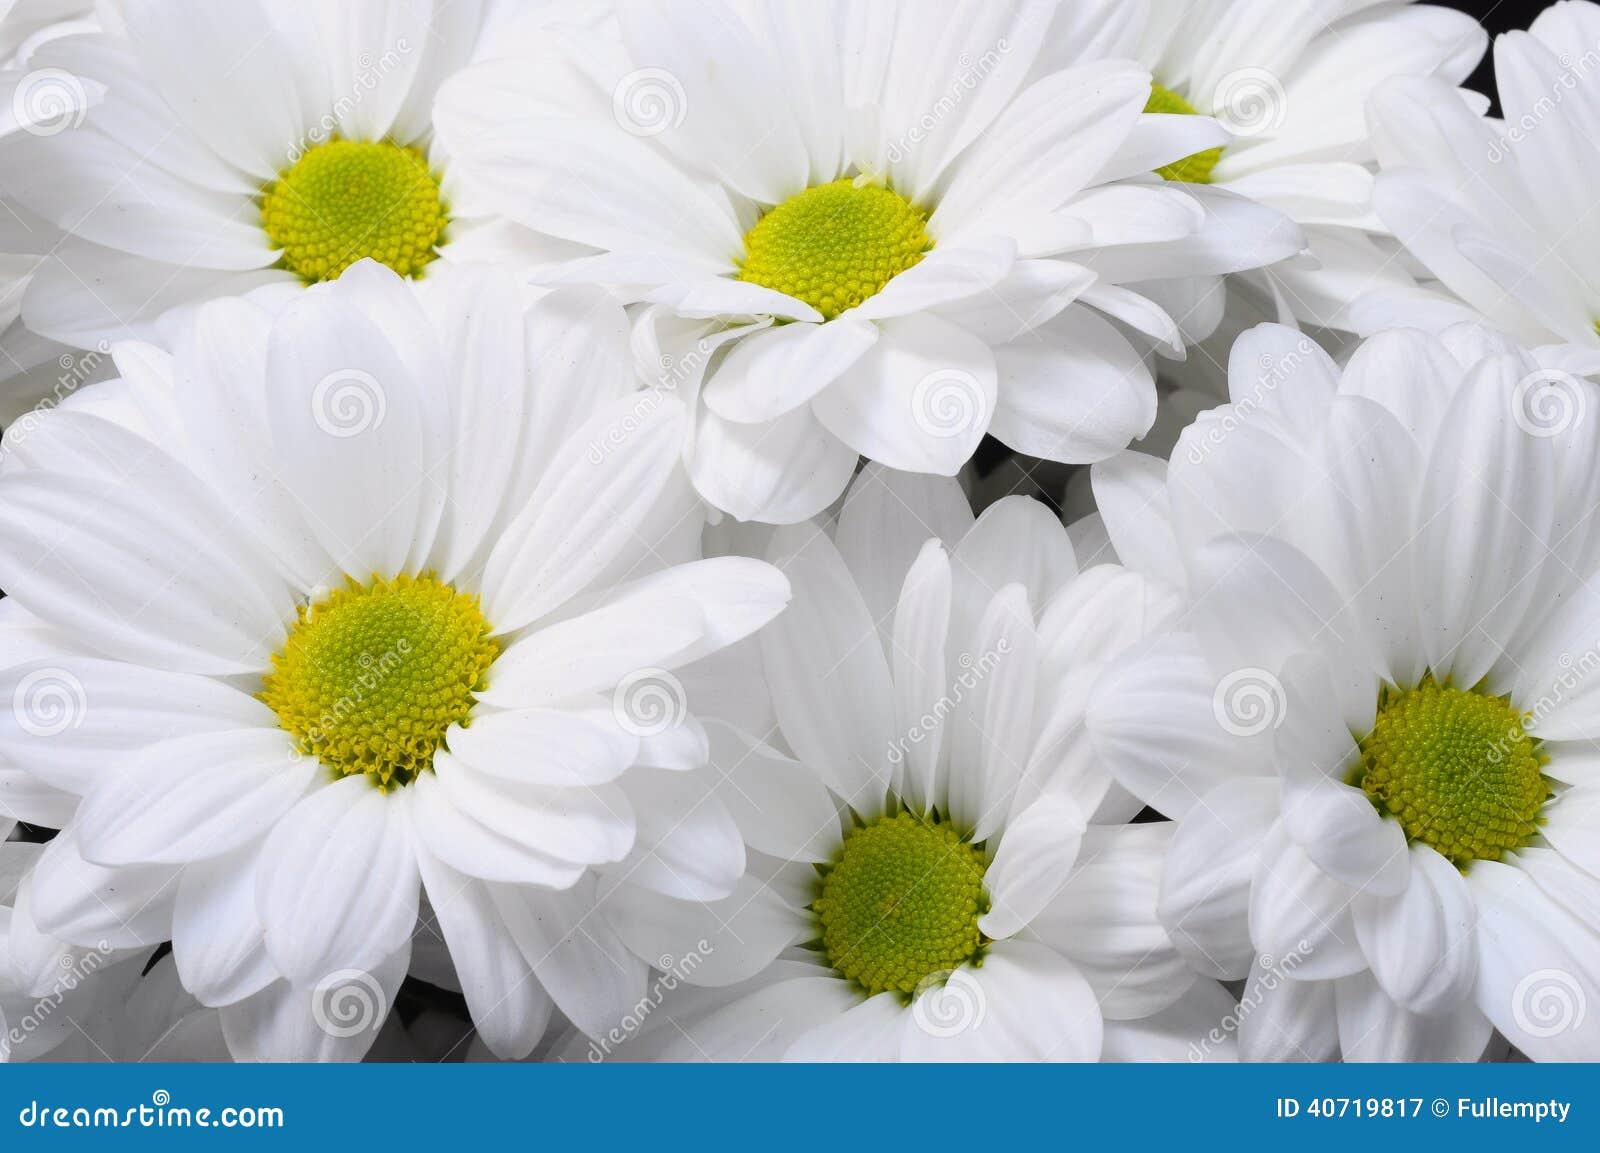 Bouquet de fleur de marguerite blanche image stock image - Image fleur marguerite ...